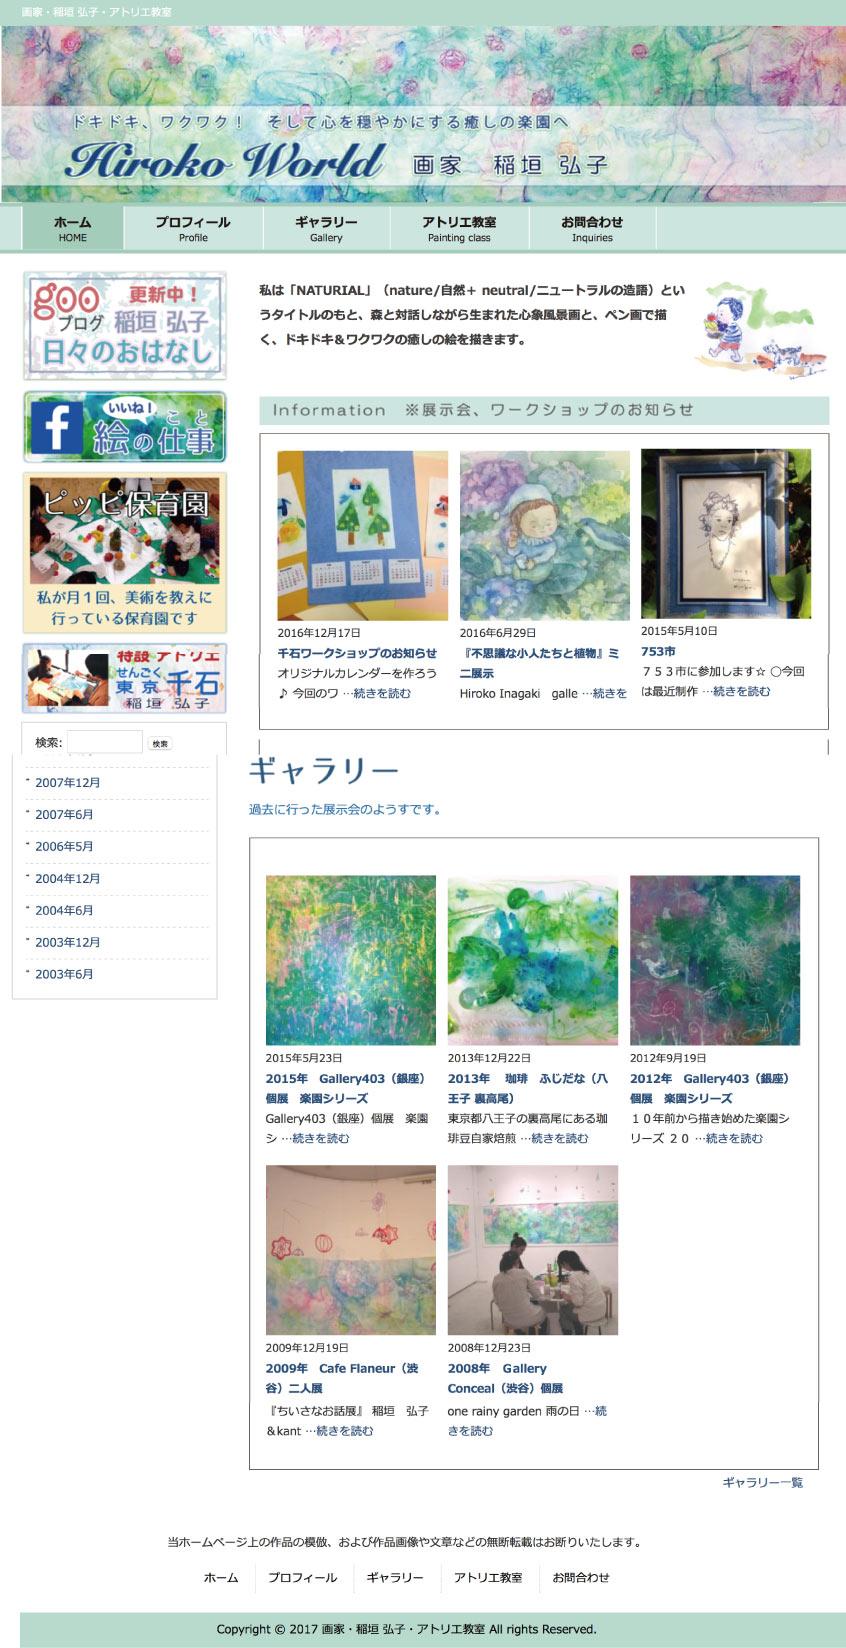 稲垣弘子 横浜 女性画家